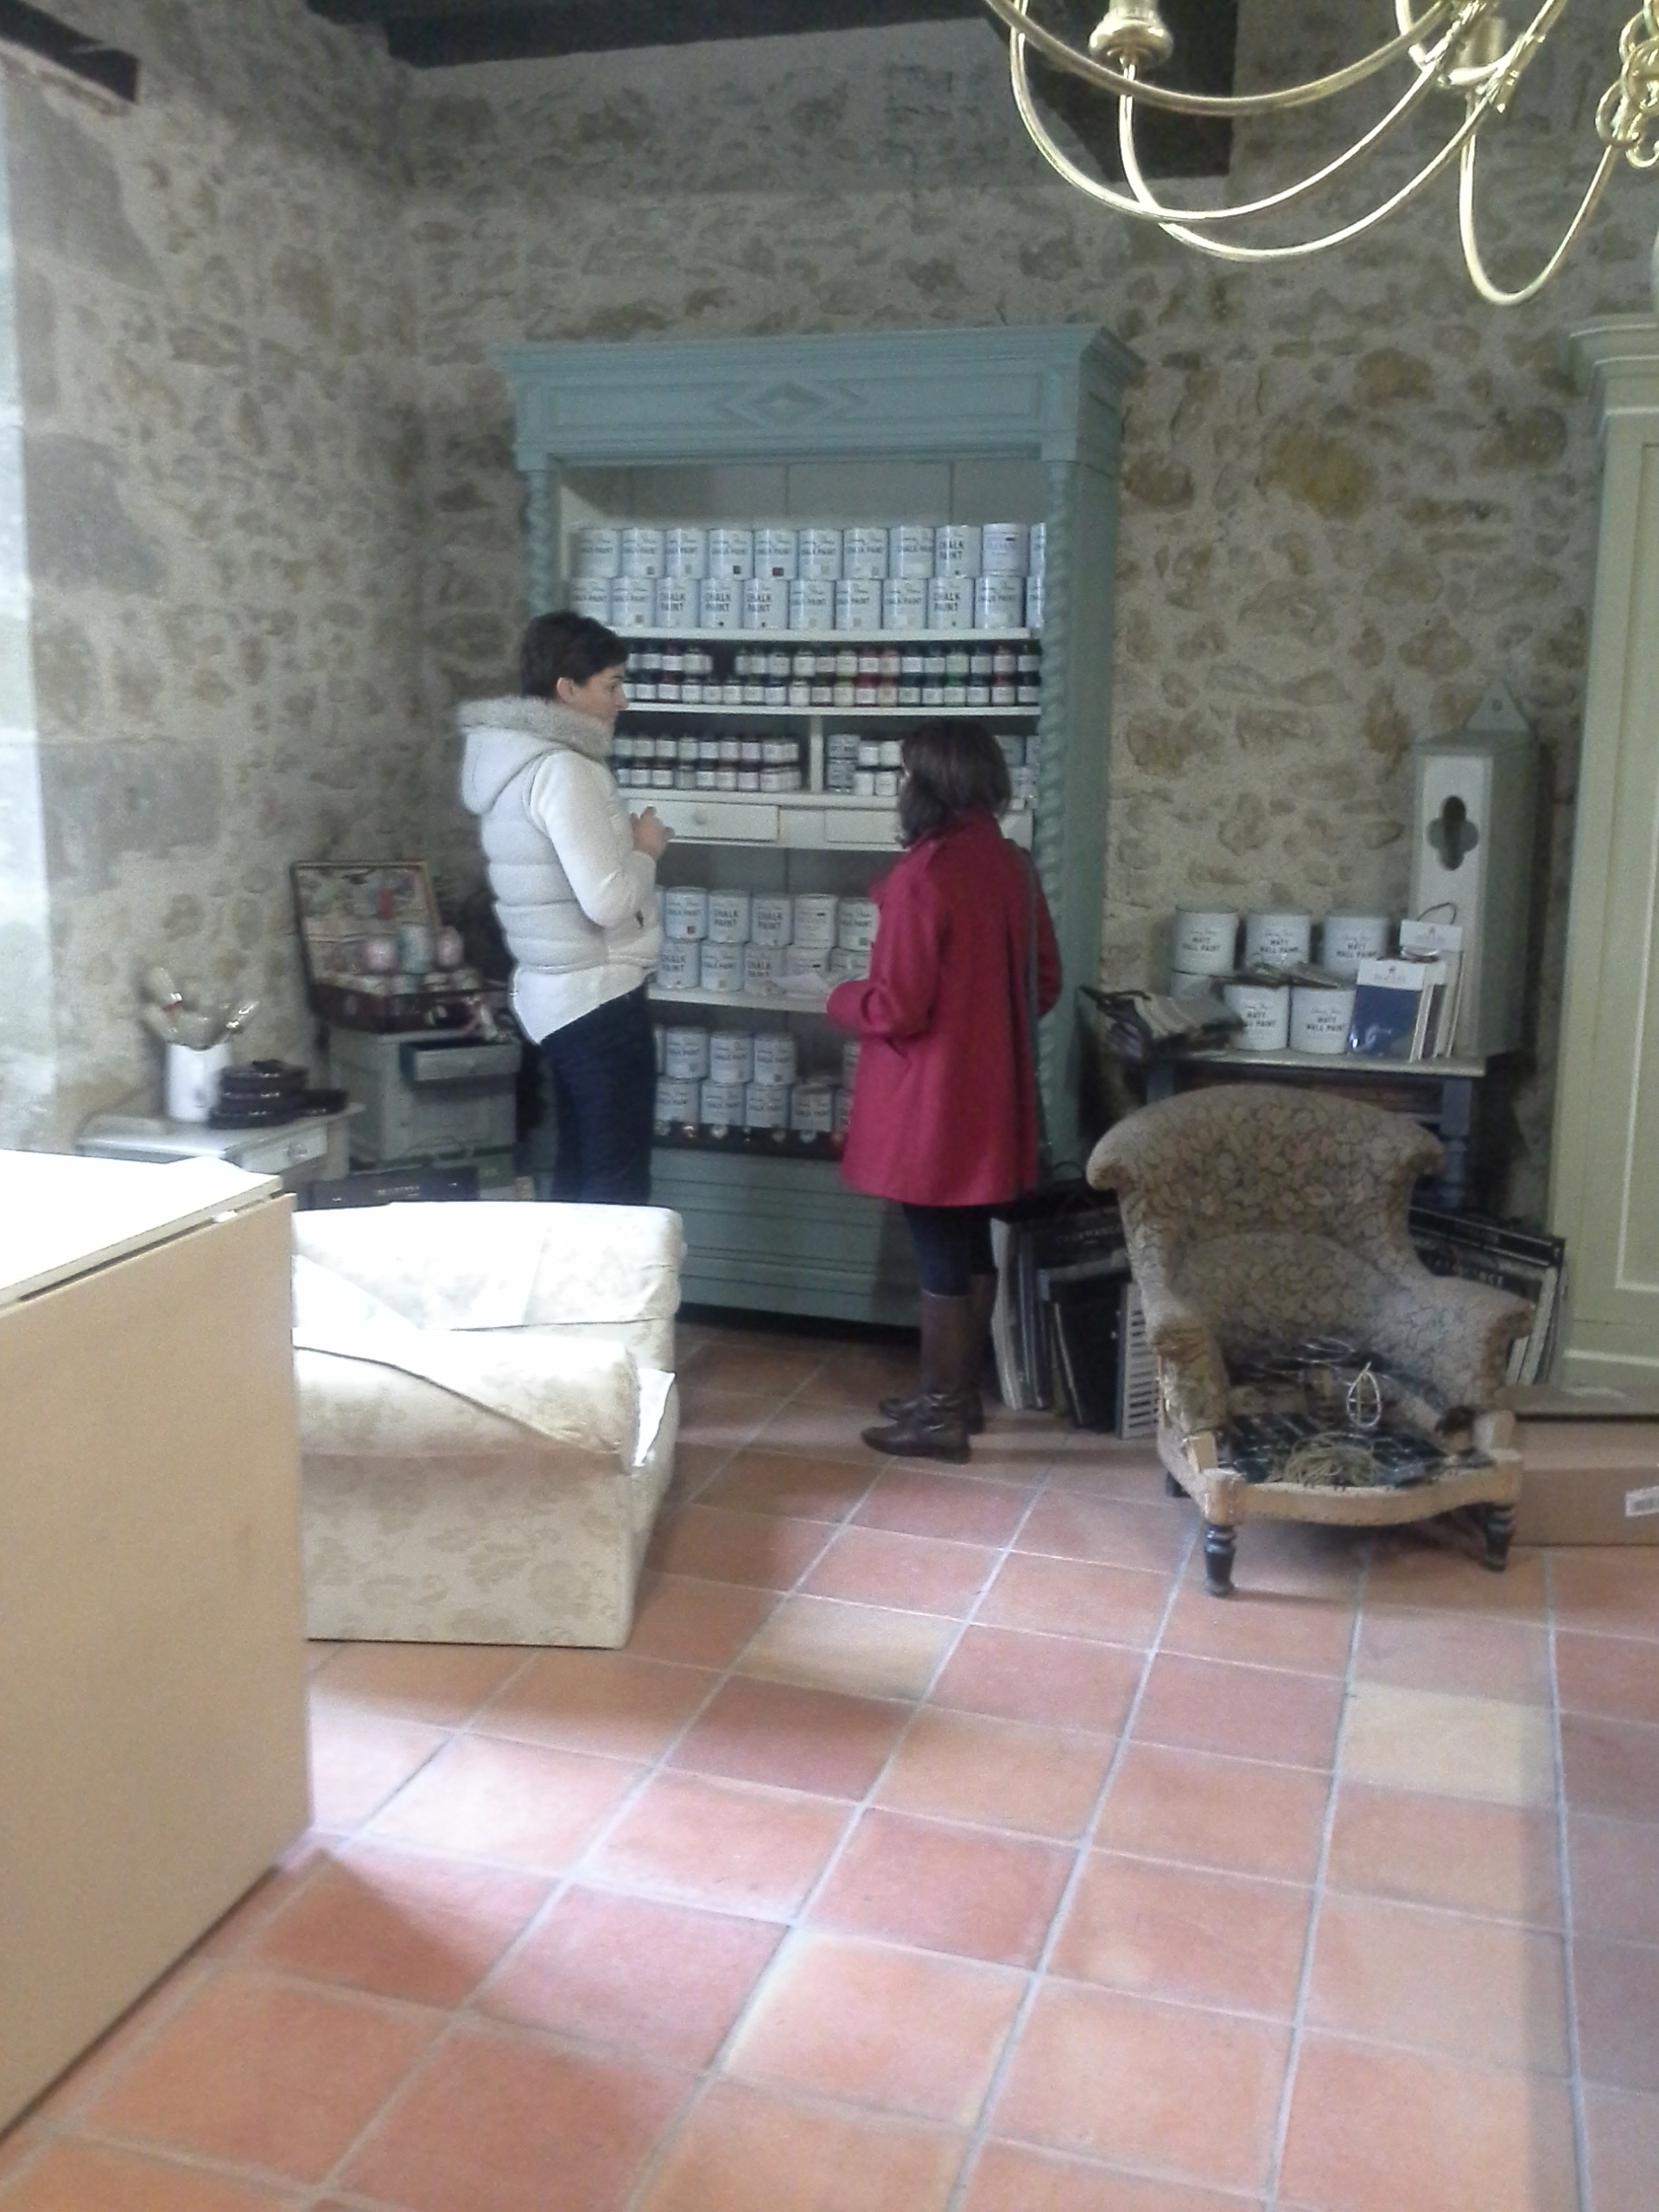 Peinture Annie Sloan En France annie sloan -ciara - dans ma maison, il y a